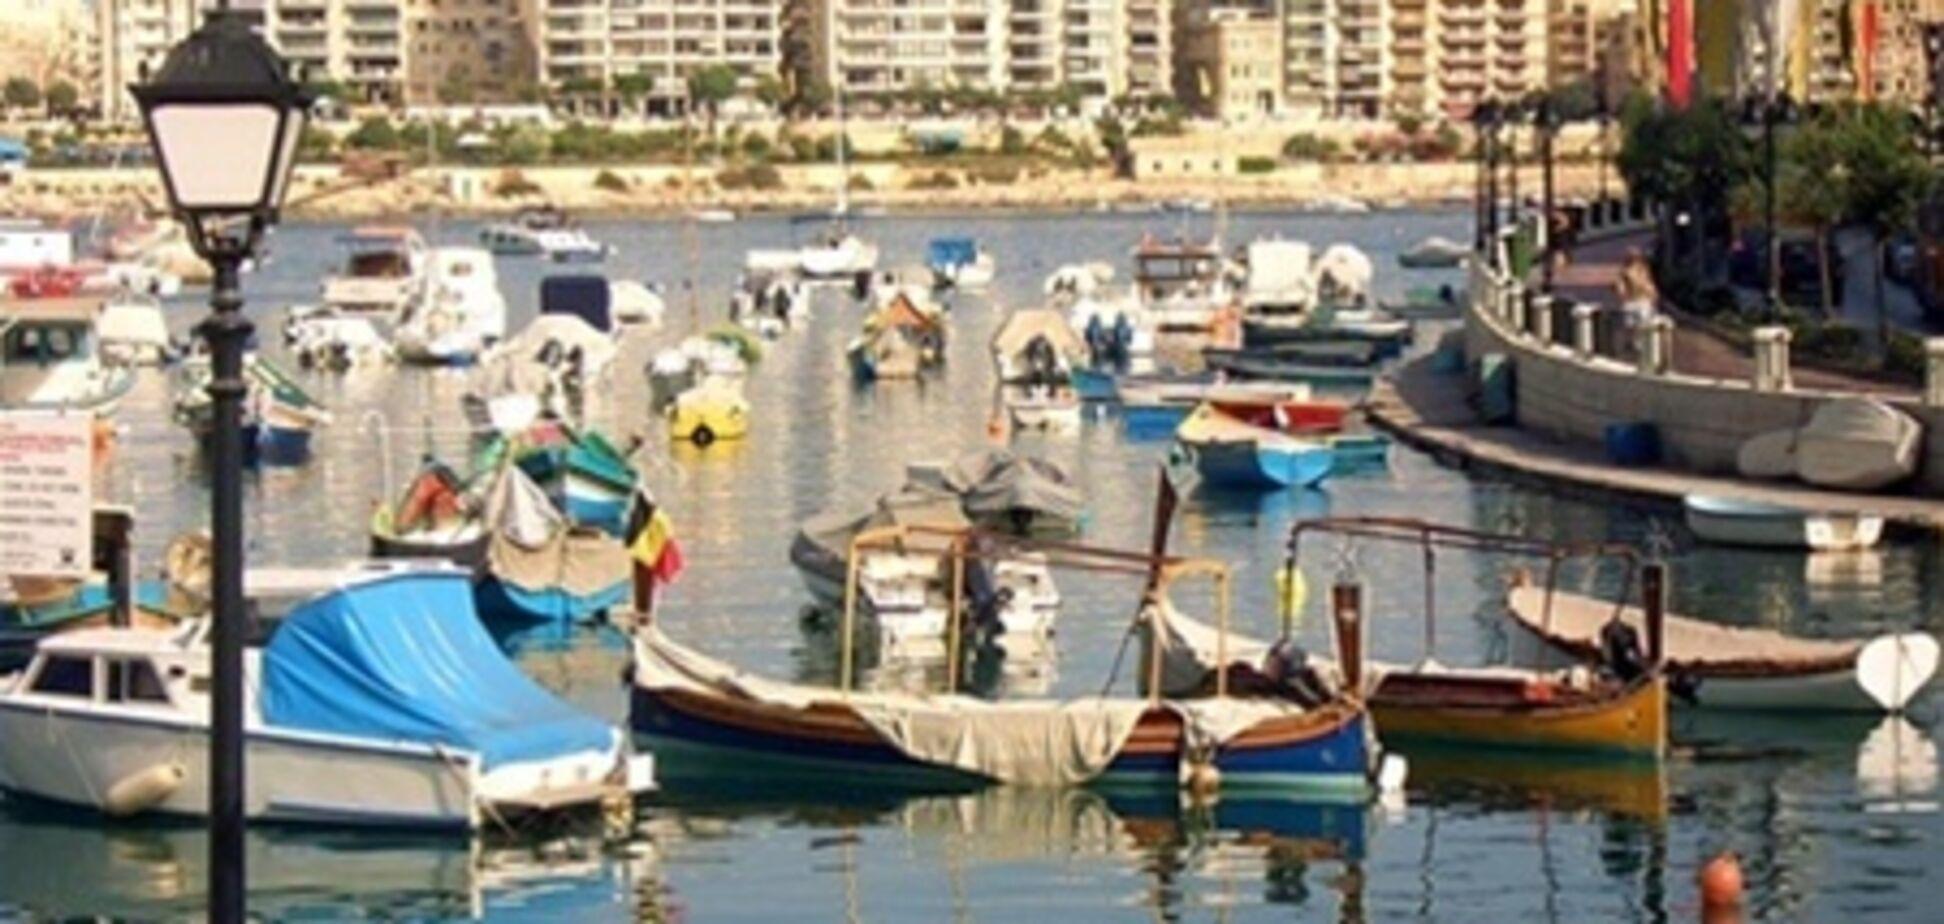 Кризис еврозоны увеличил спрос на недвижимость Мальты